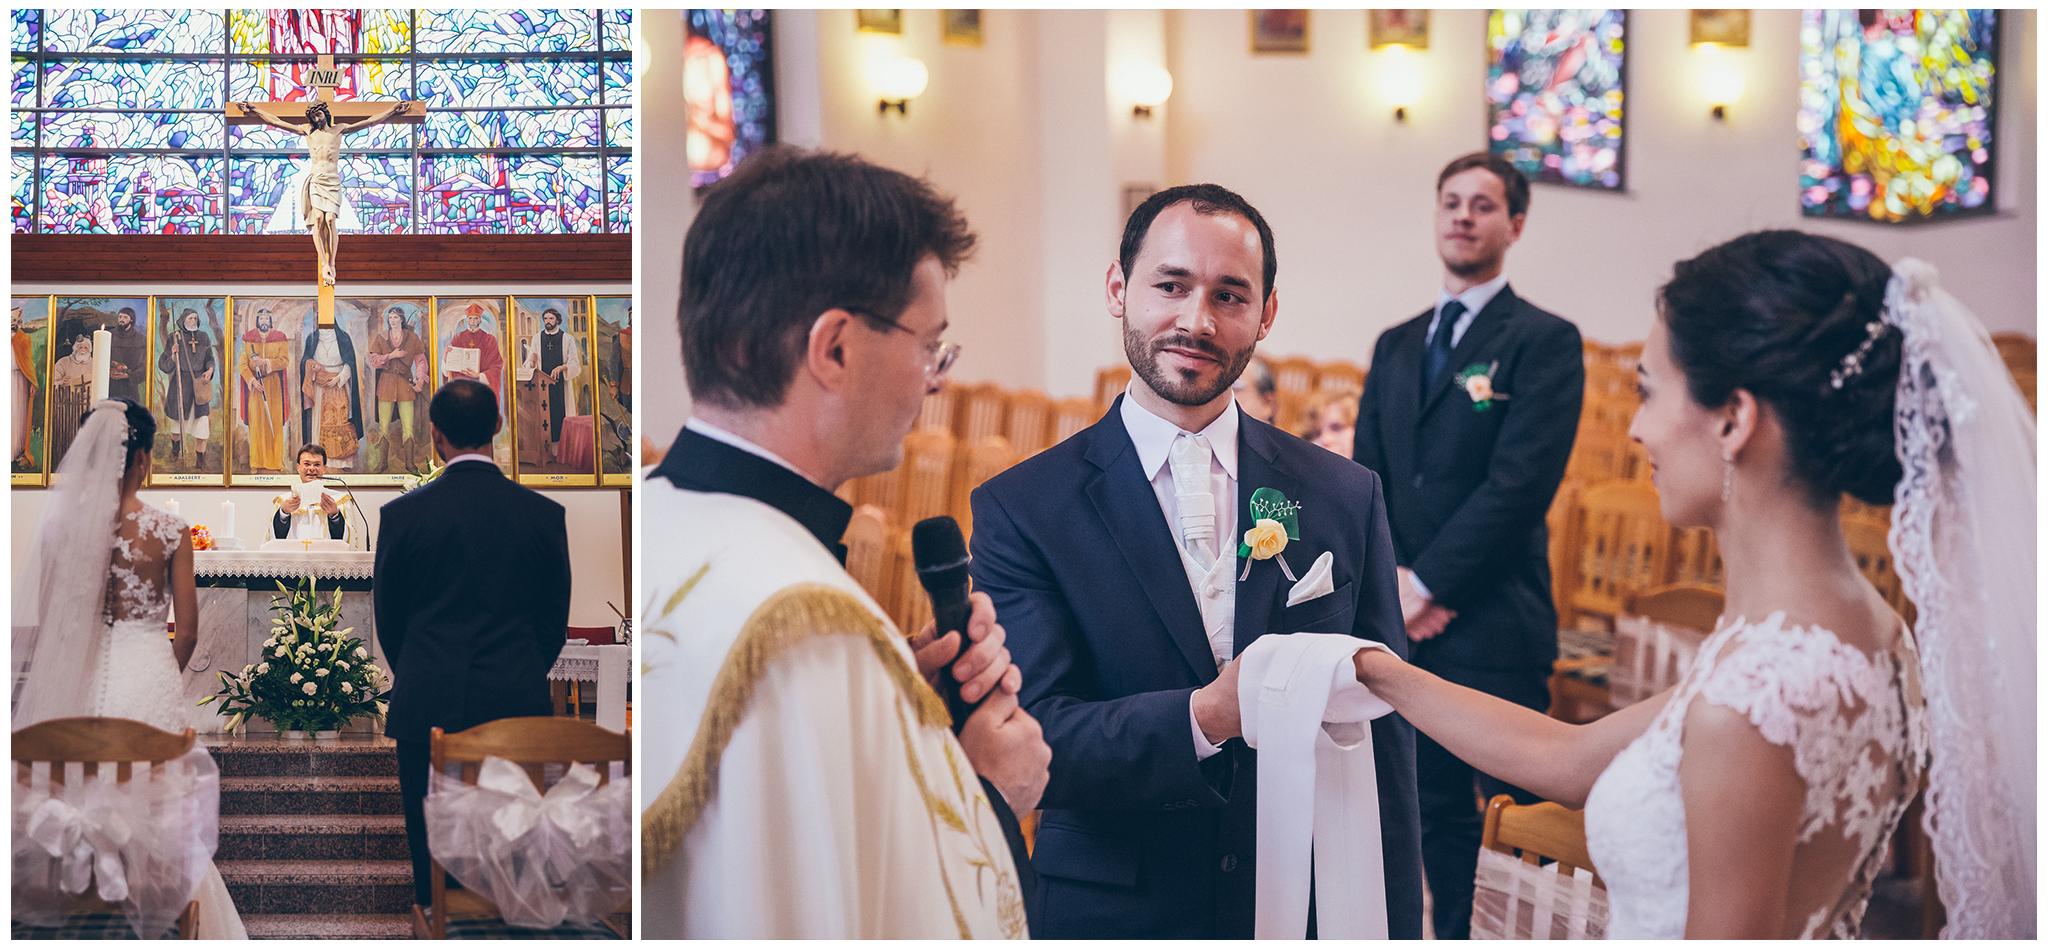 FylepPhoto, esküvőfotós, esküvői fotós Körmend, Szombathely, esküvőfotózás, magyarország, vas megye, prémium, jegyesfotózás, Fülöp Péter, körmend, kreatív, fotográfus_016.jpg